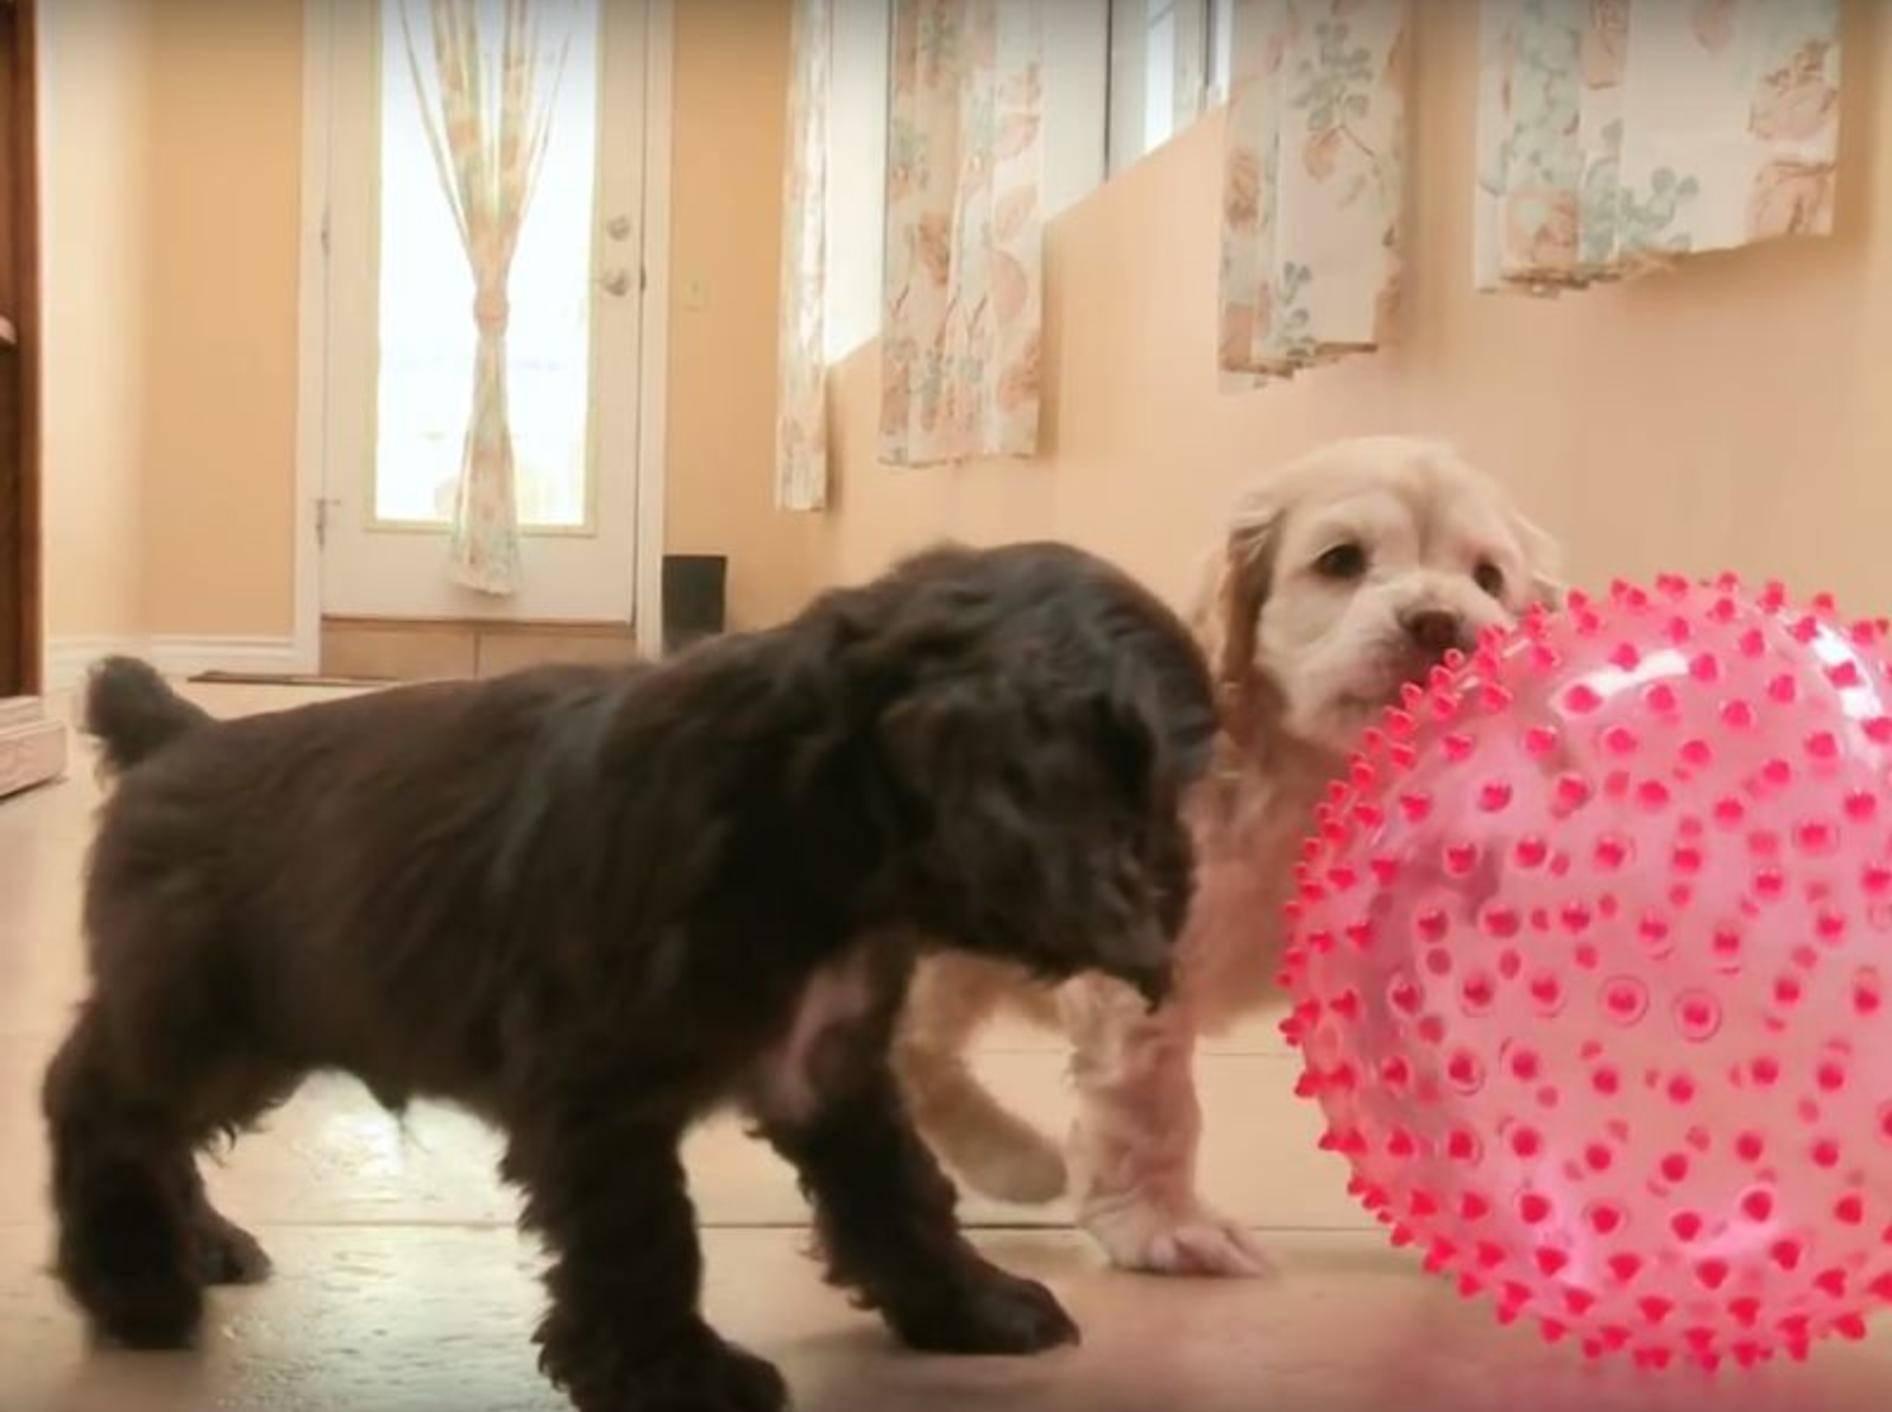 Spielen macht Spaß, finden die beiden süßen Welpen – YouTube / The Pet Collective